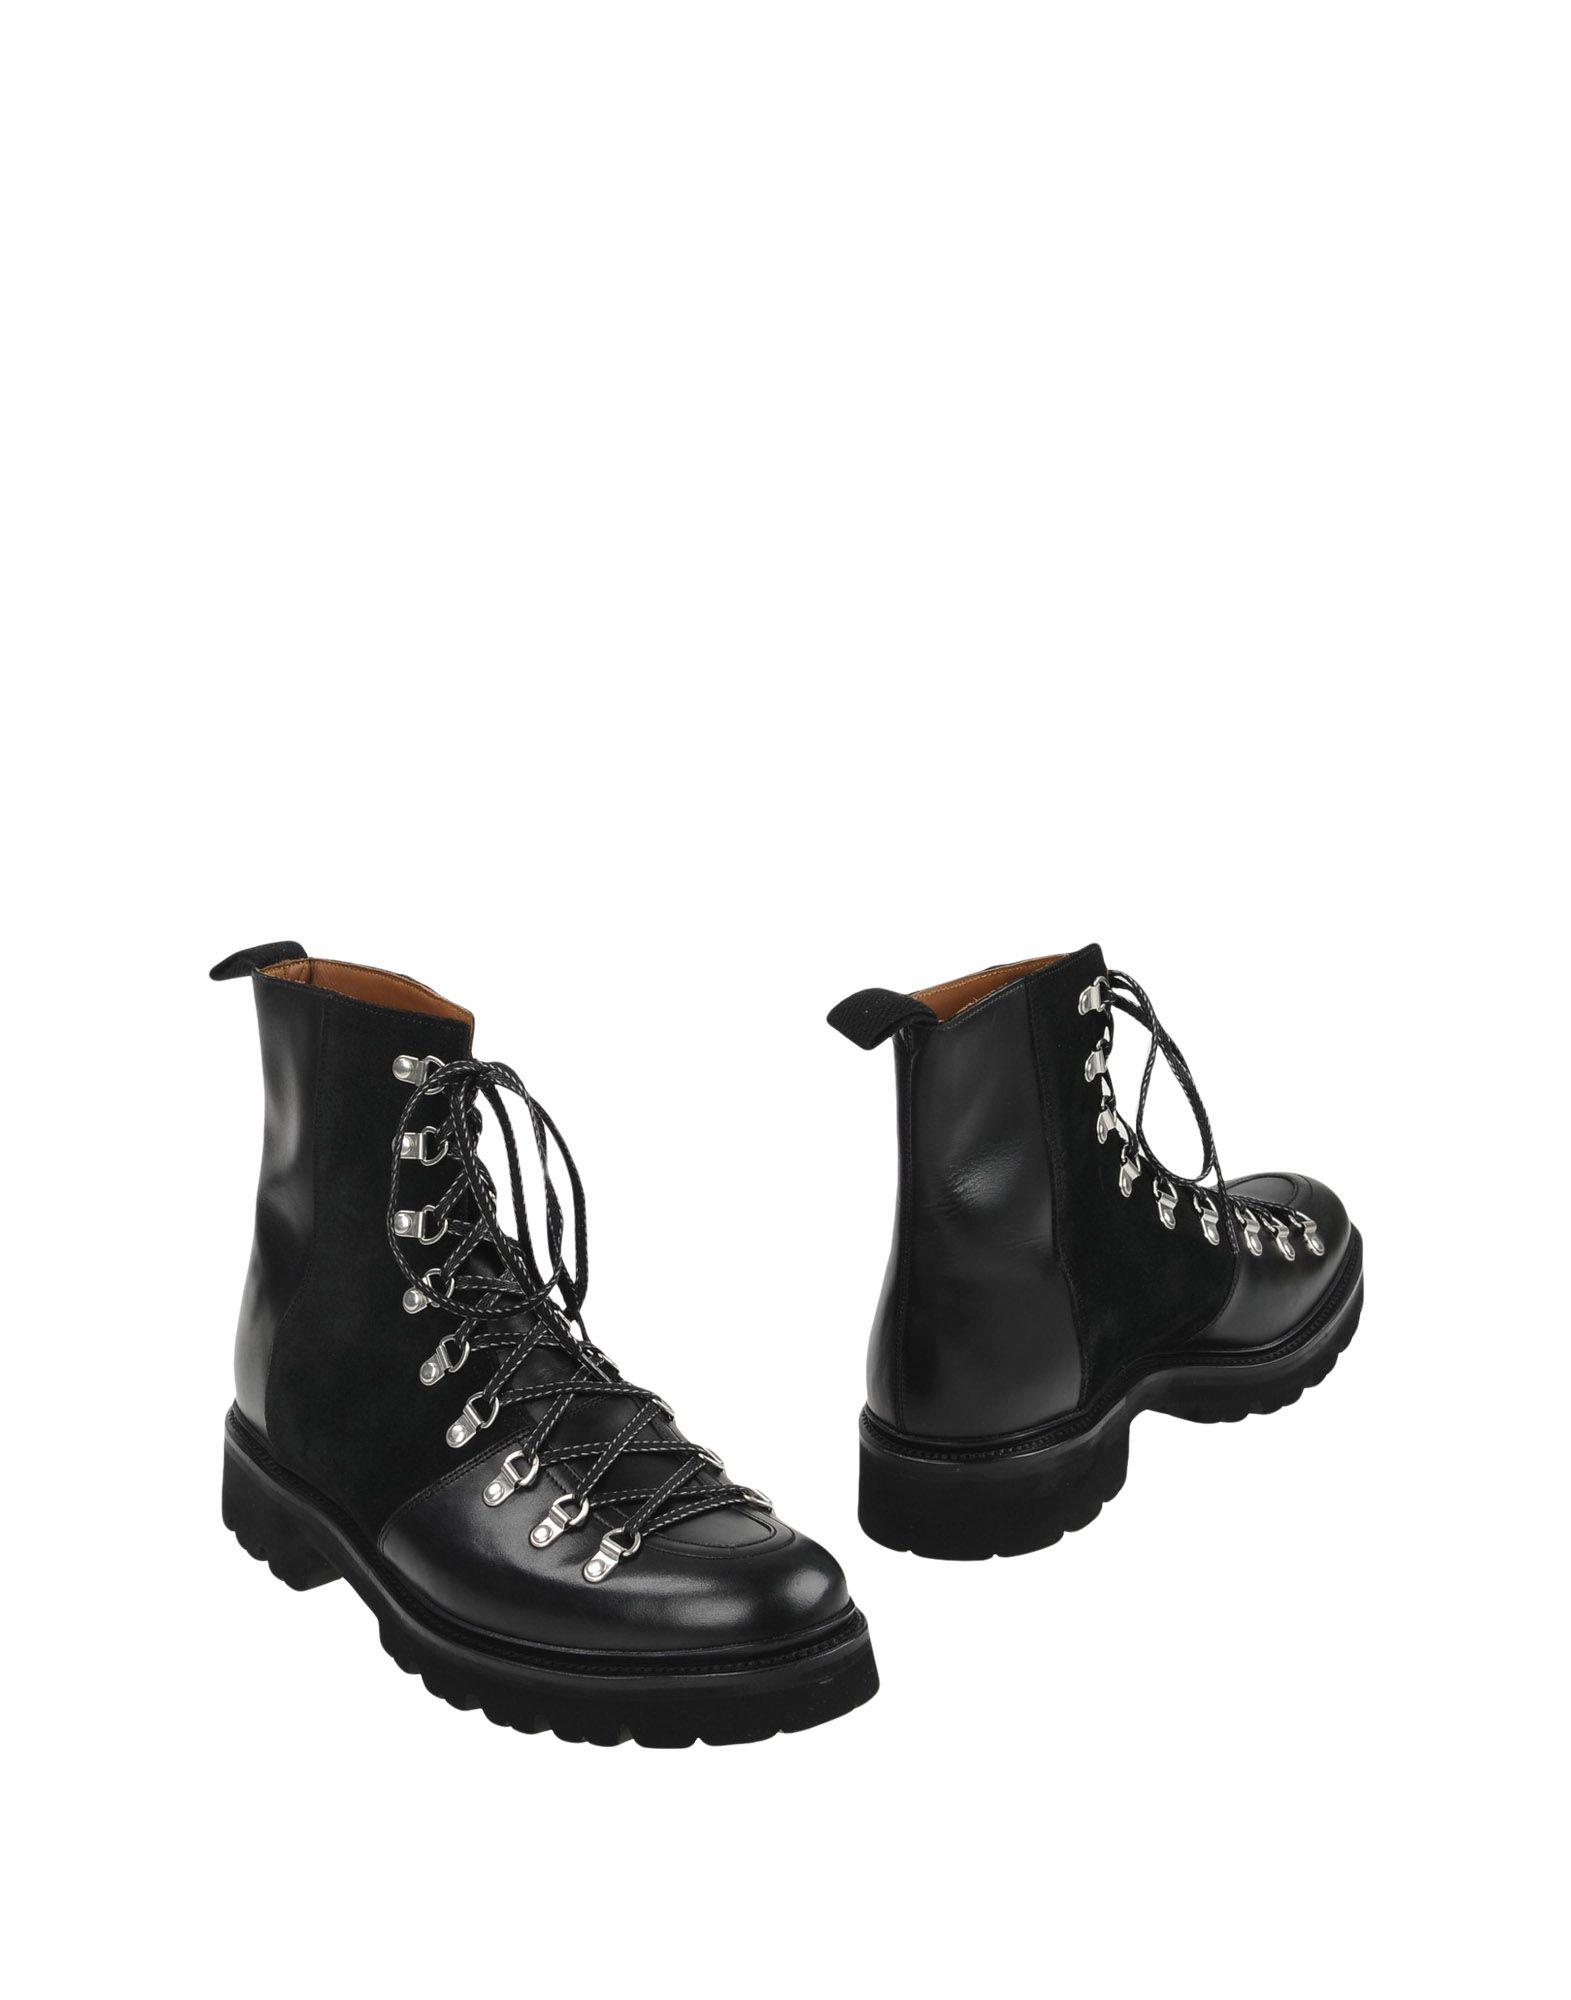 Grenson Stiefelette Herren  11336036PG Gute Qualität beliebte Schuhe